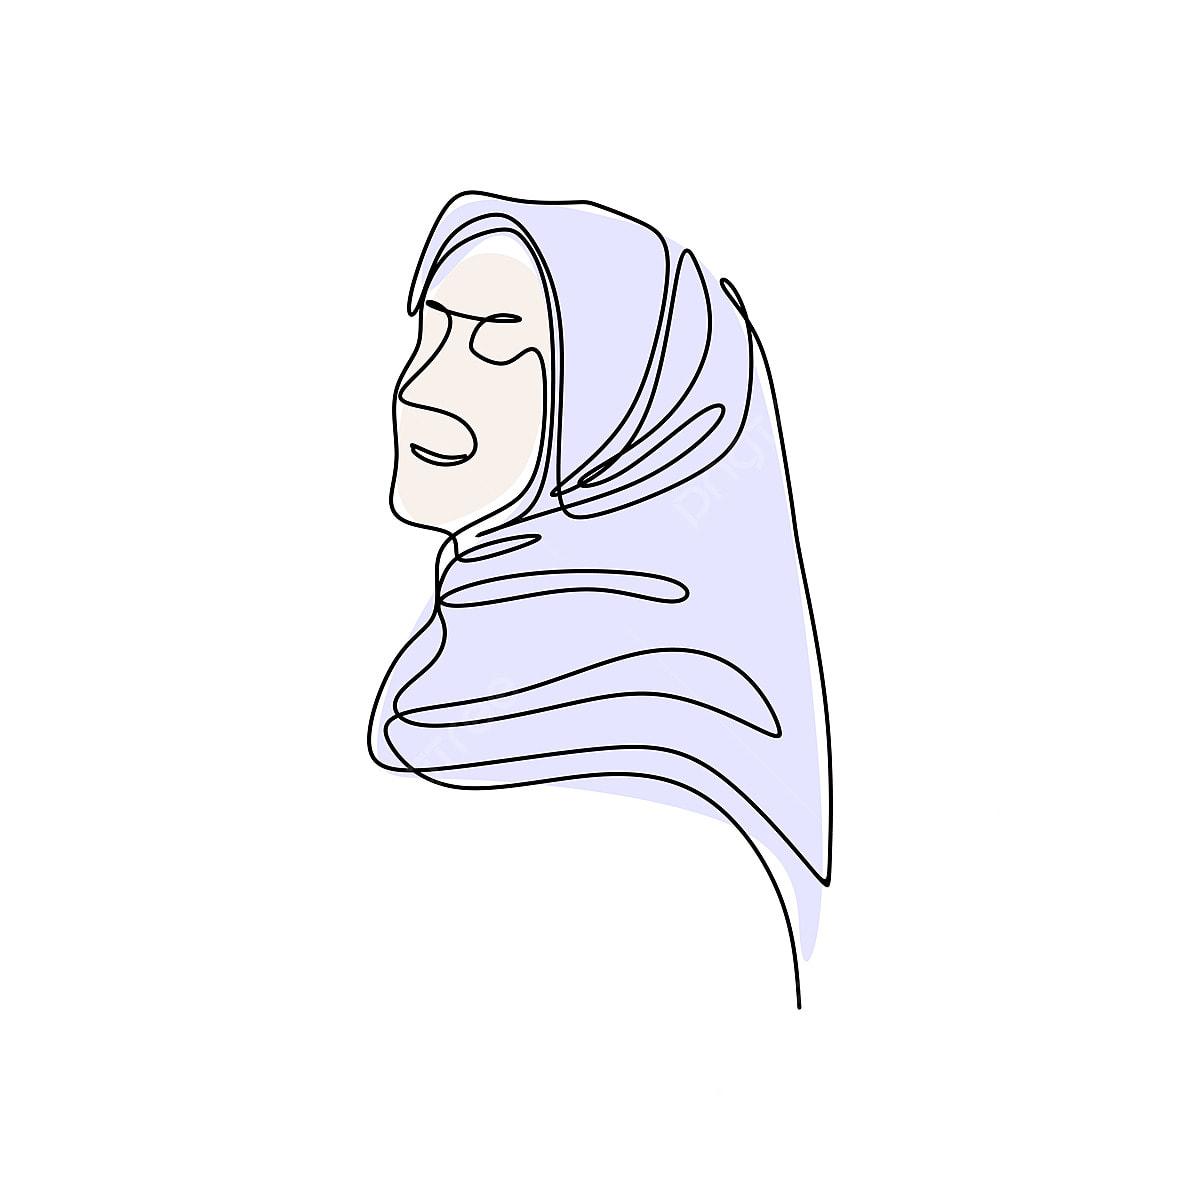 Gambar Bergaya Gadis Tudung Satu Garis Lukisan Arab Arabian Arab Png Dan Vektor Untuk Muat Turun Percuma